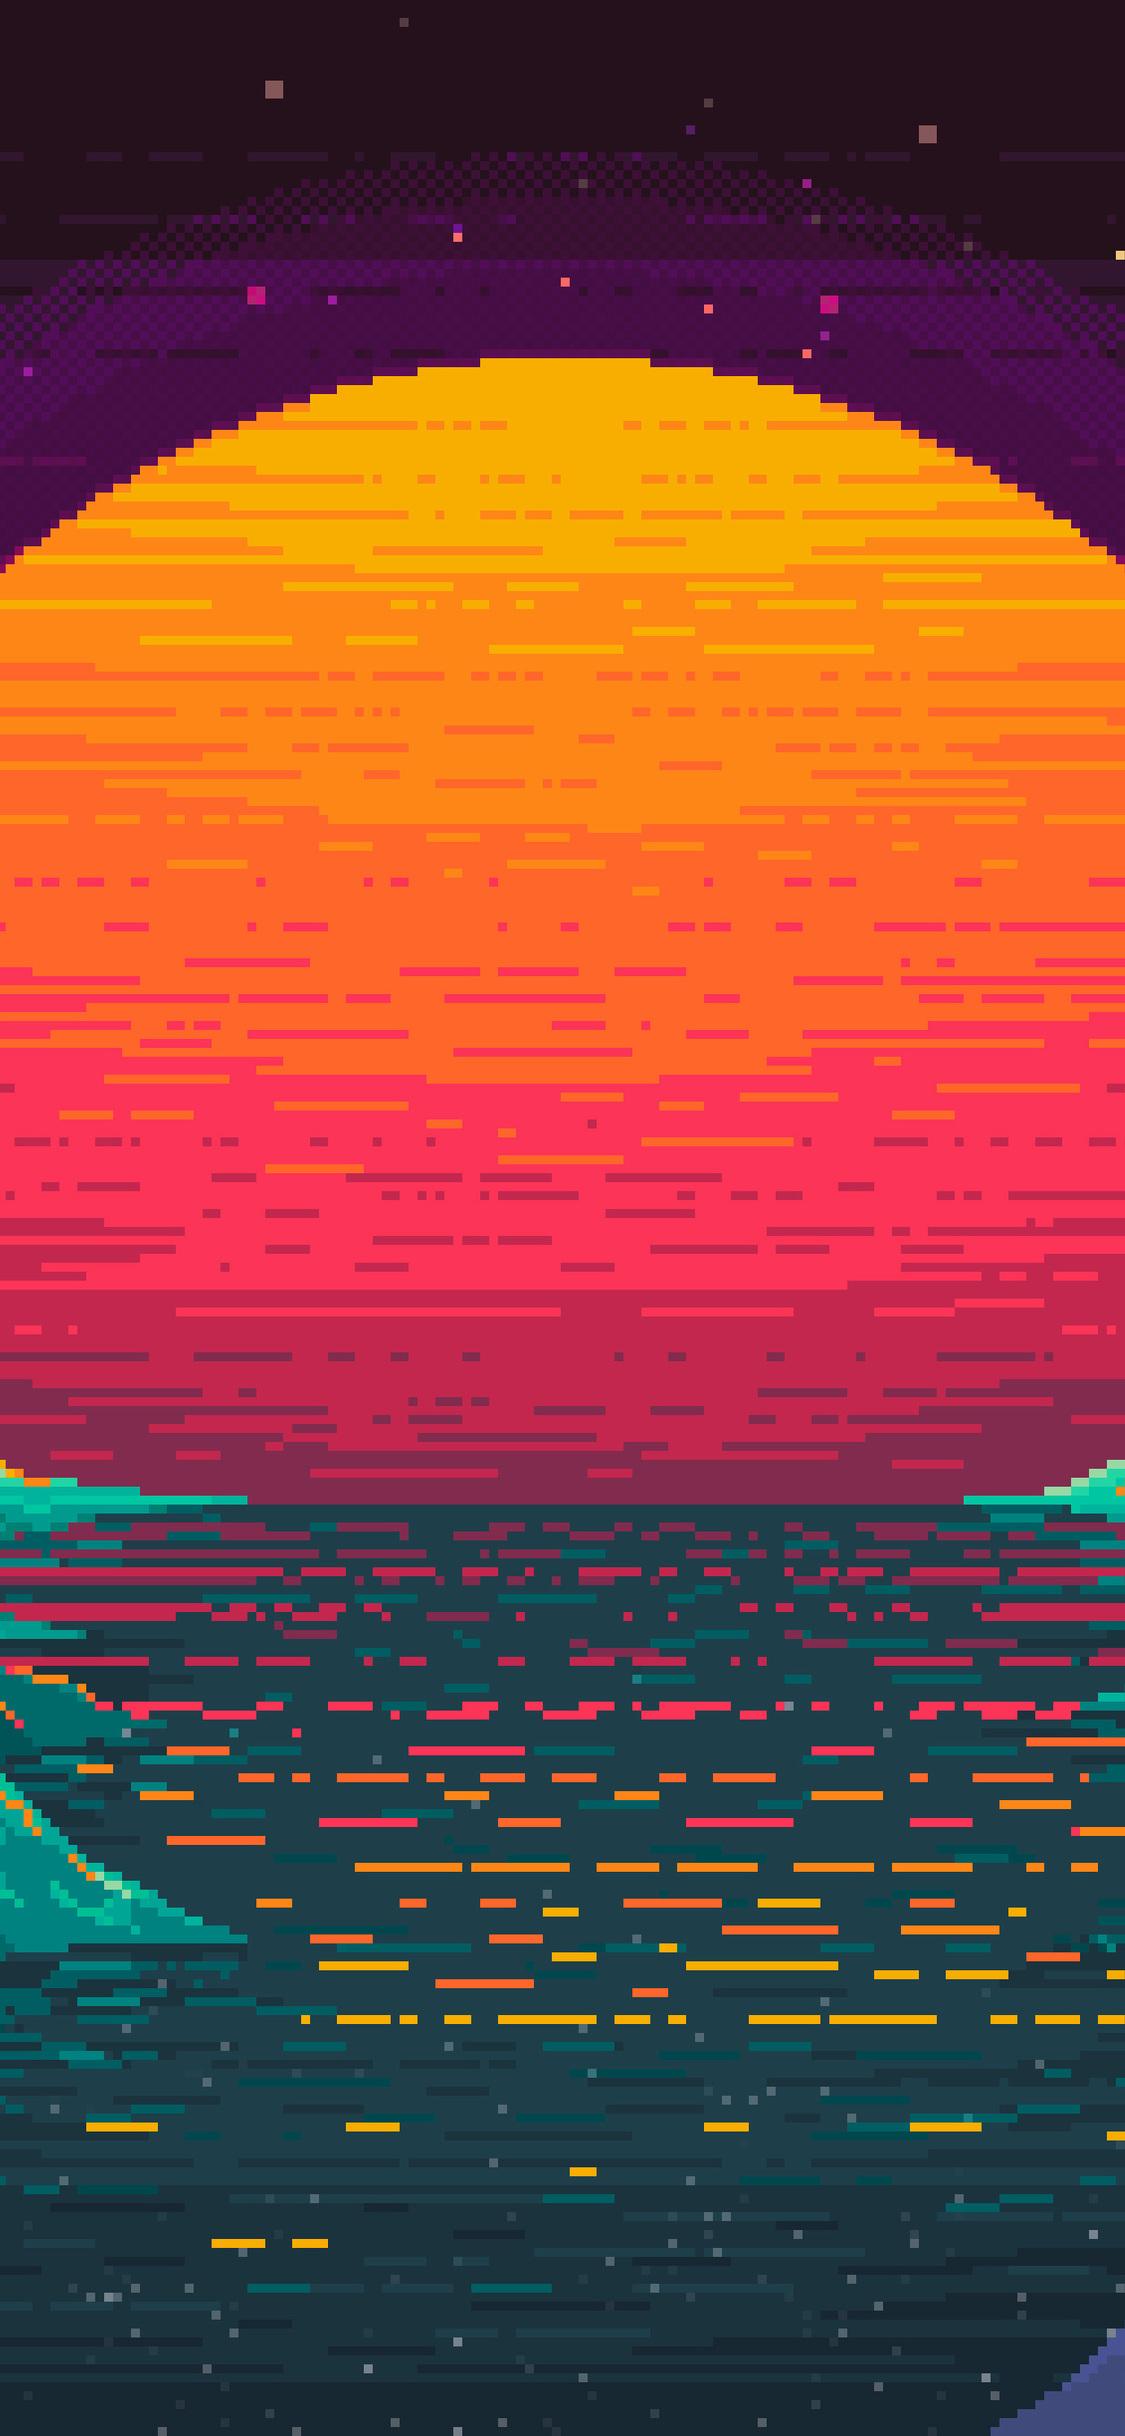 Valley 21 Bit 21k 21 Bit Wallpaper Iphone Hd Wallpapers   21x22136 ...